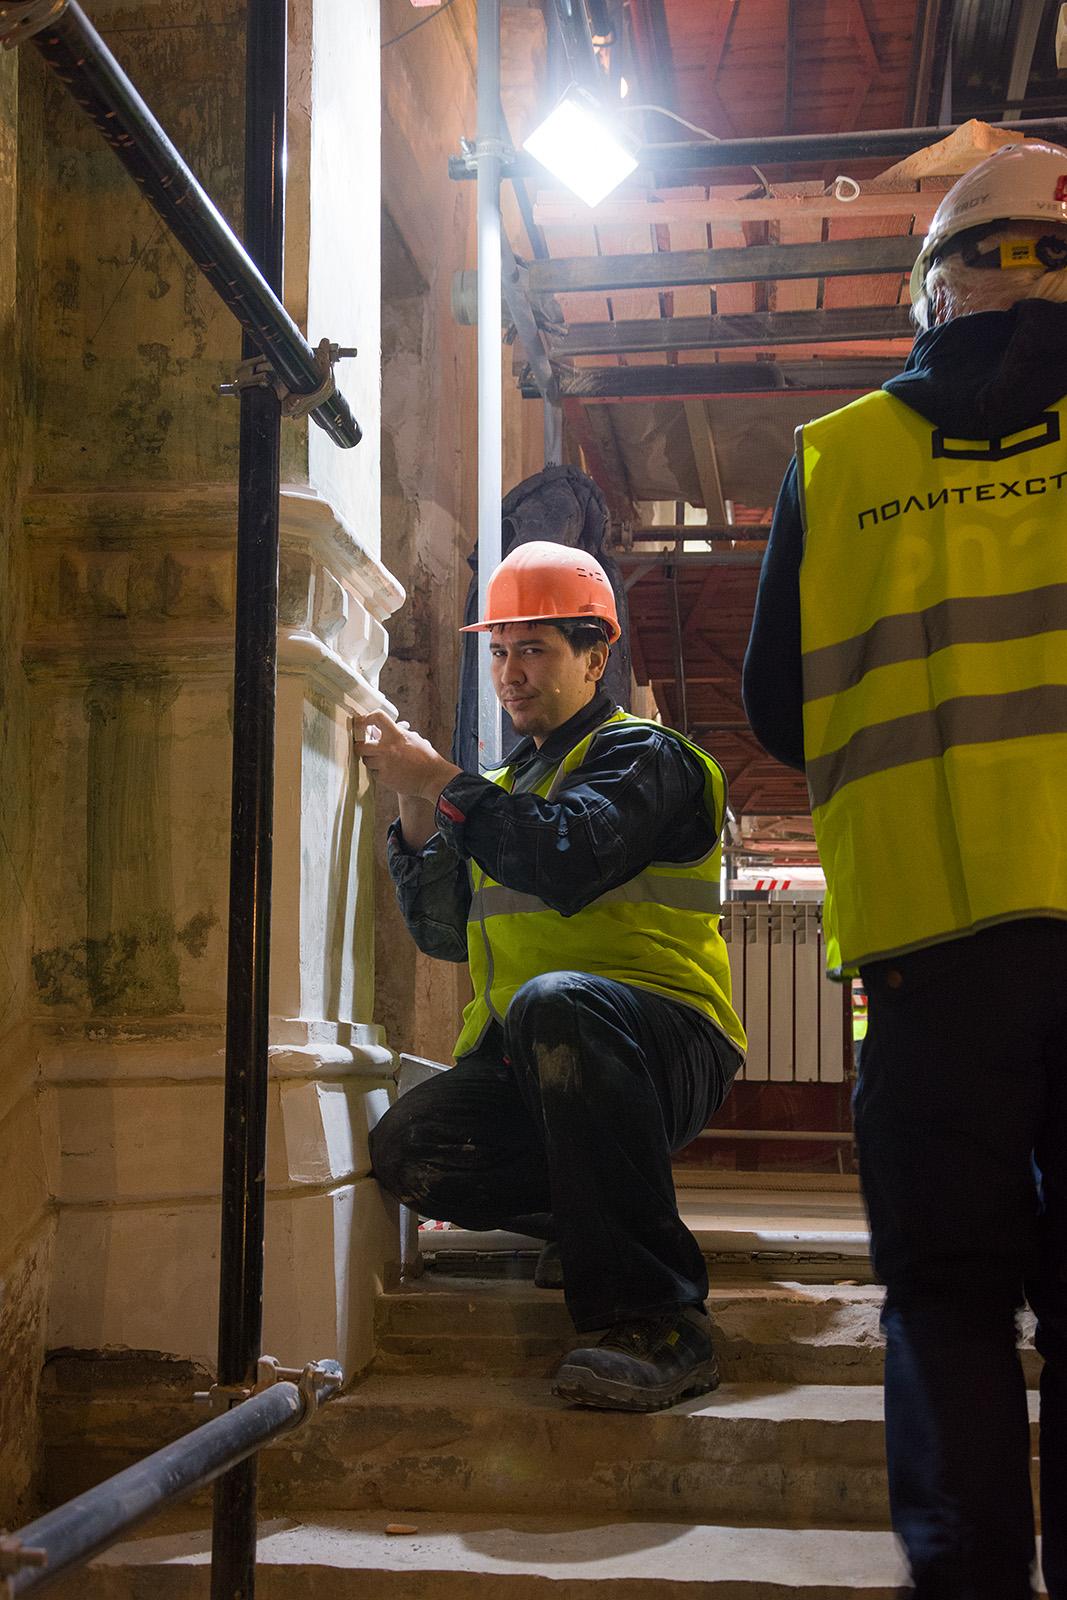 Как идёт реконструкция Политехнического музея? Часть 1 - 31